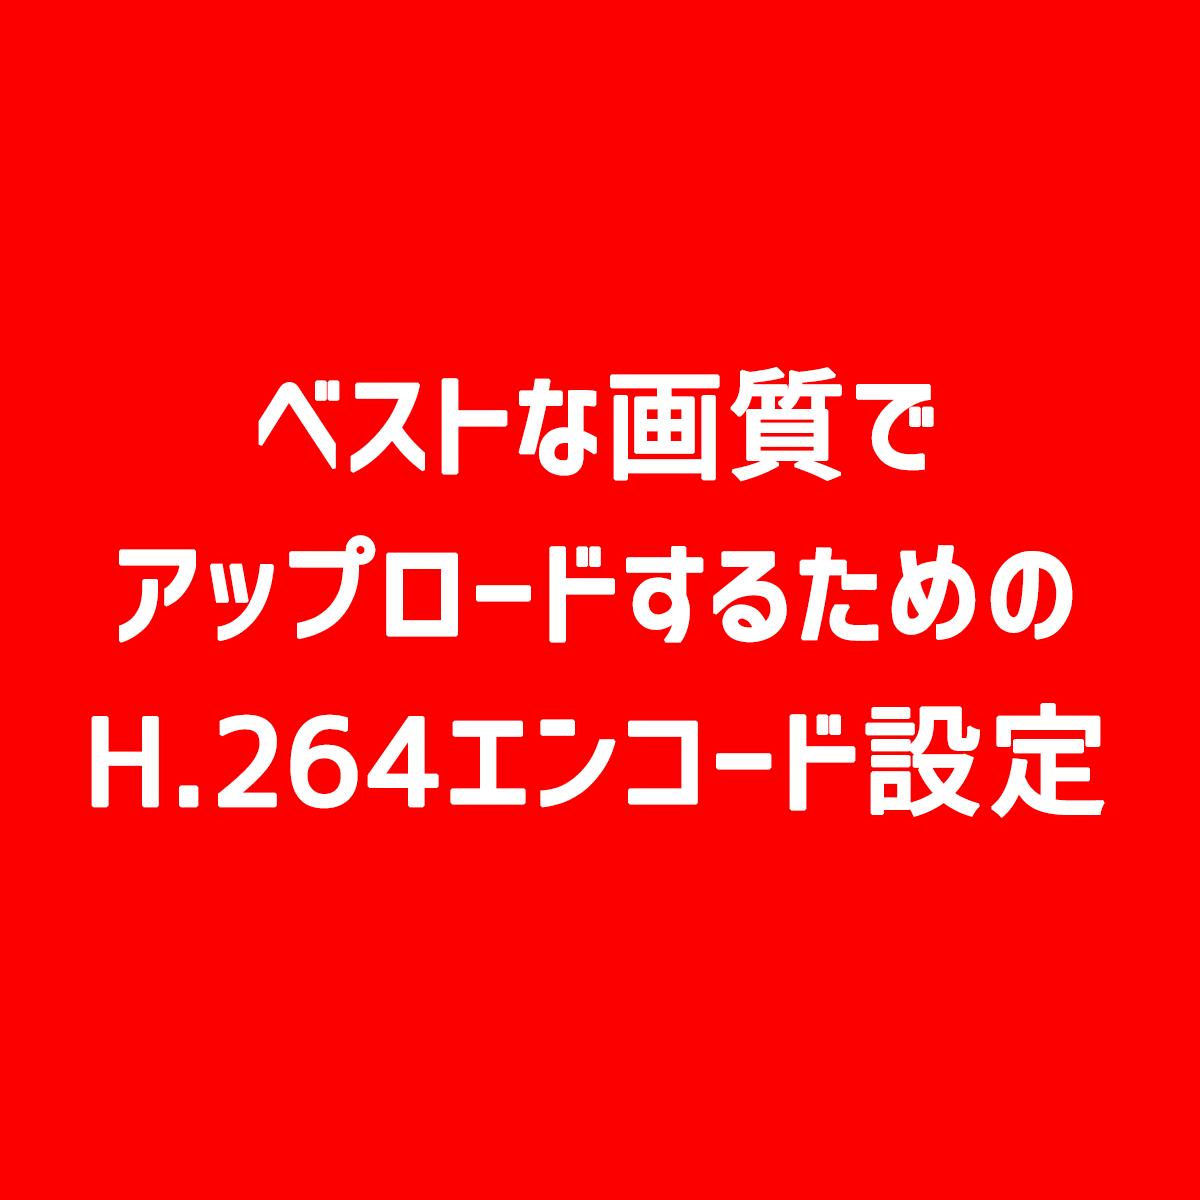 【YouTube】ベストな画質でアップロードするためのH.264エンコード設定